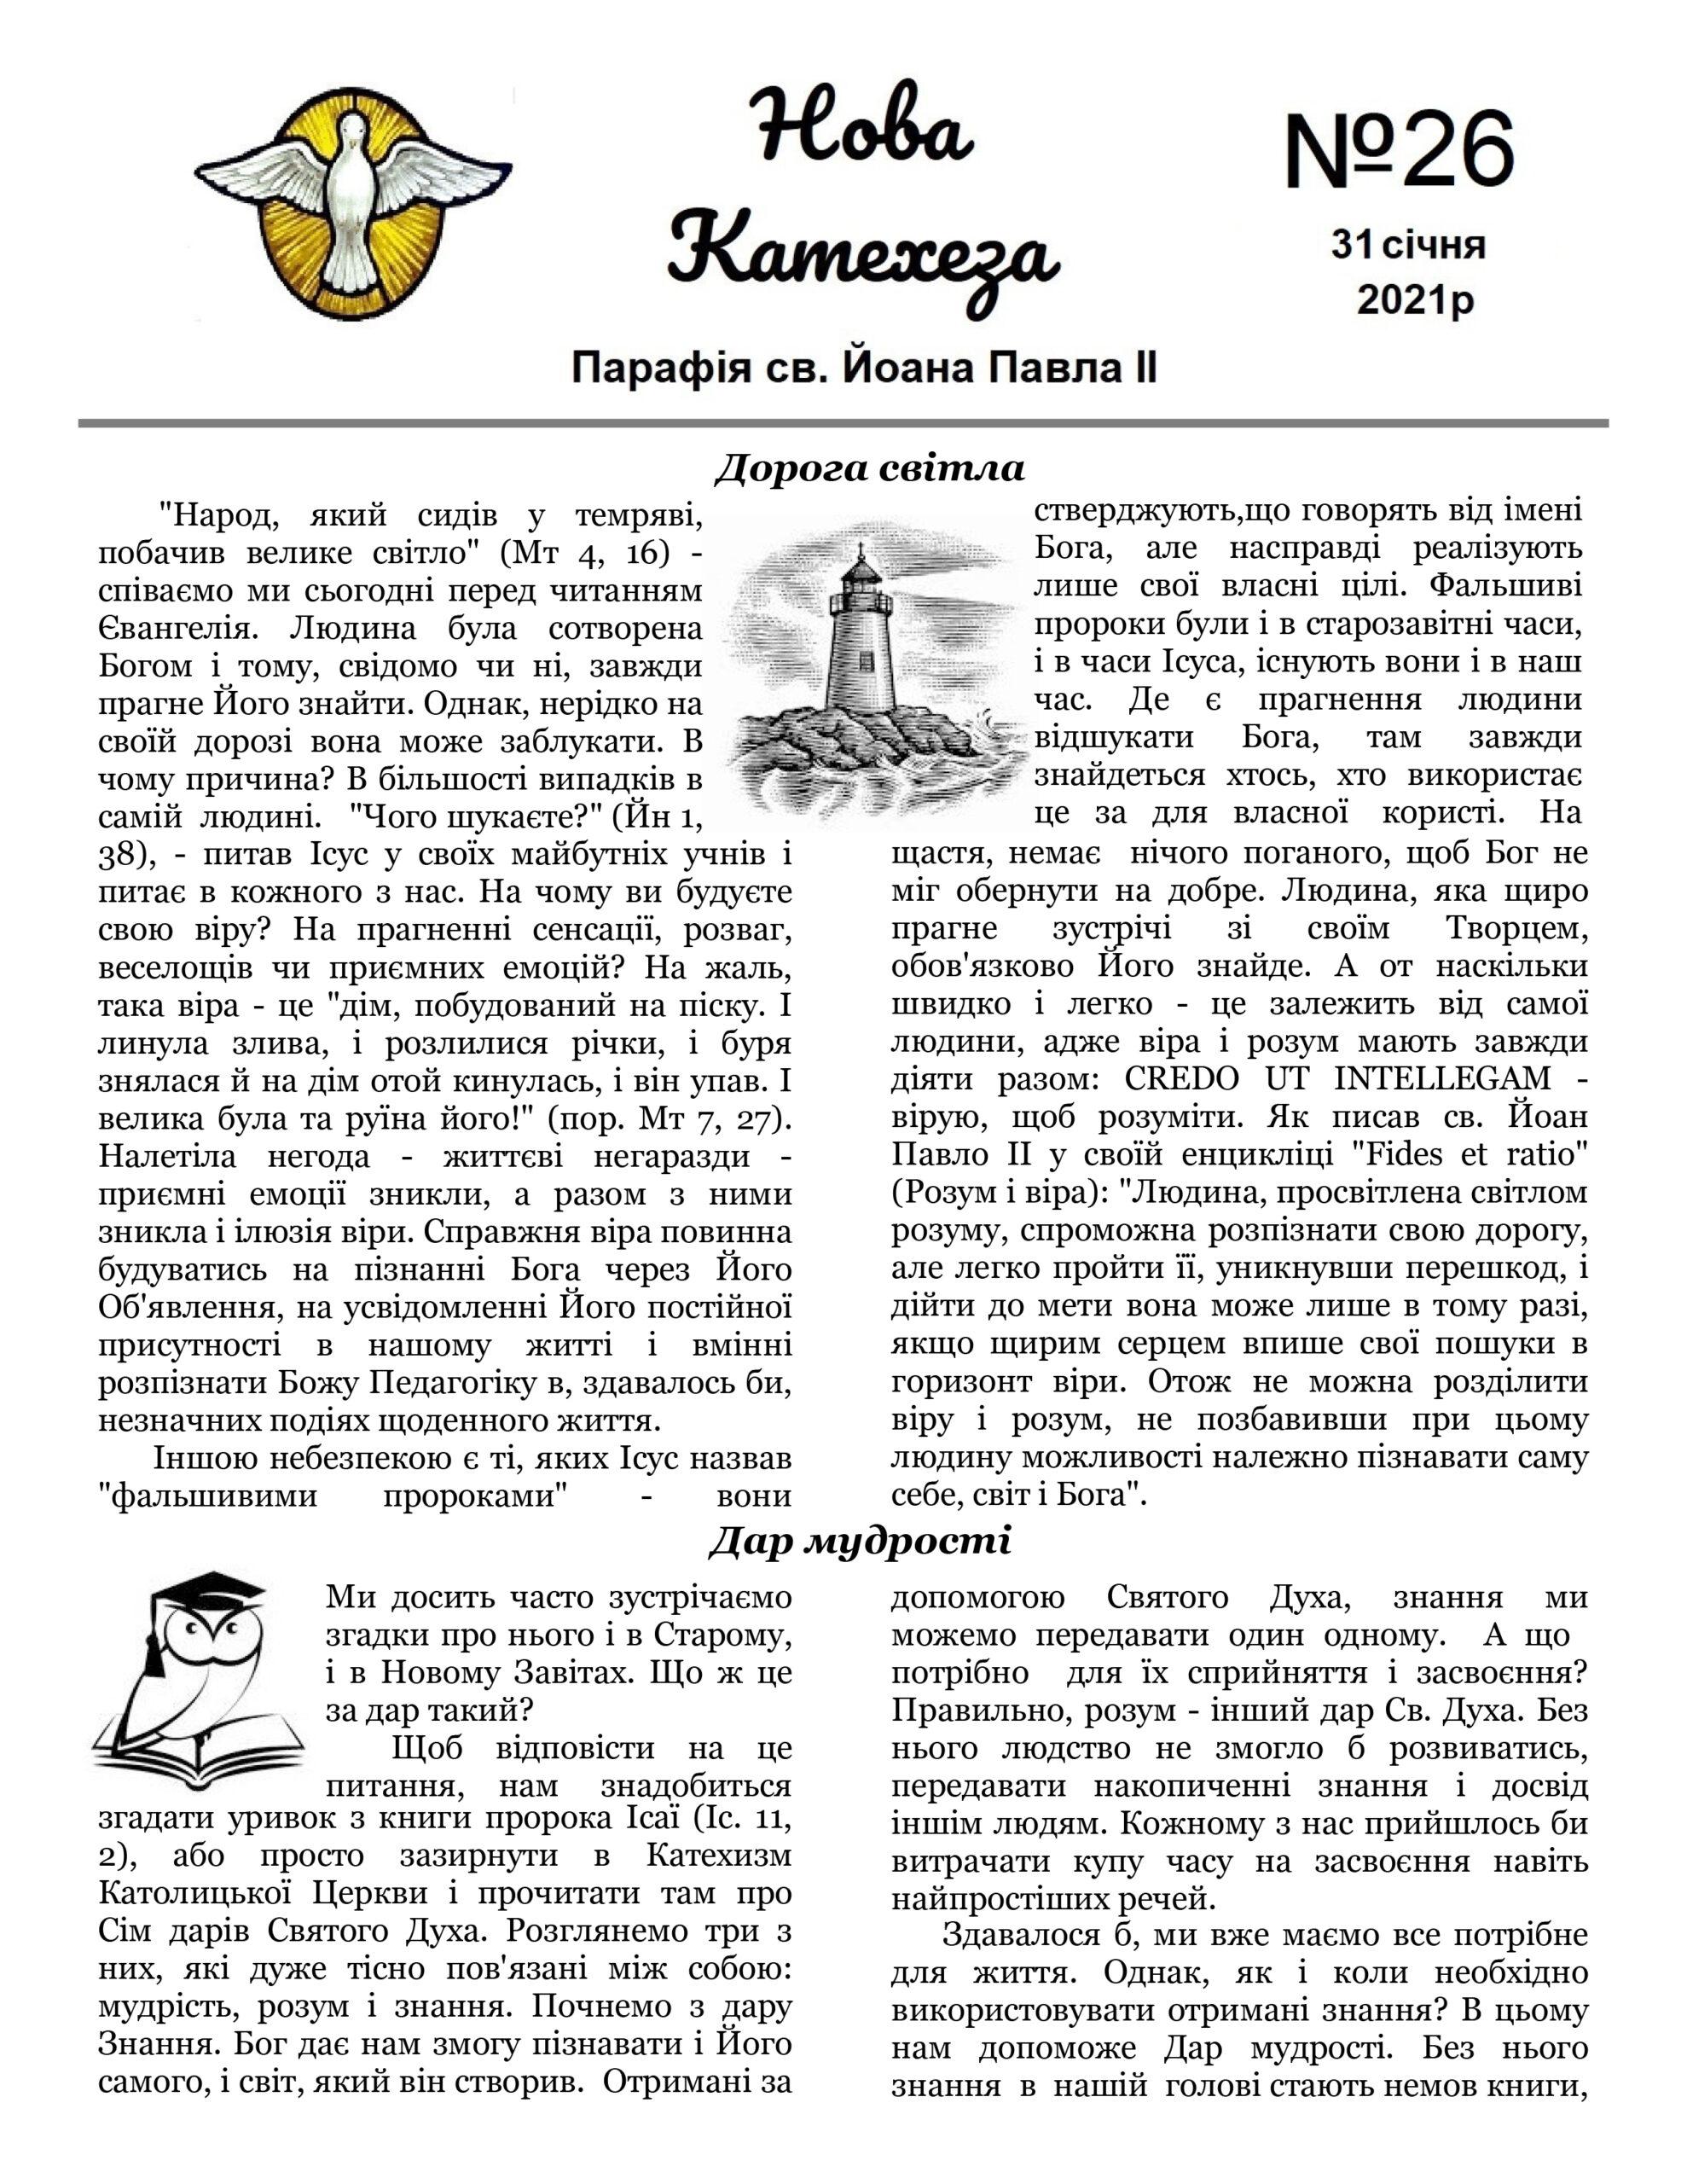 26-й номер парафіяльної газети